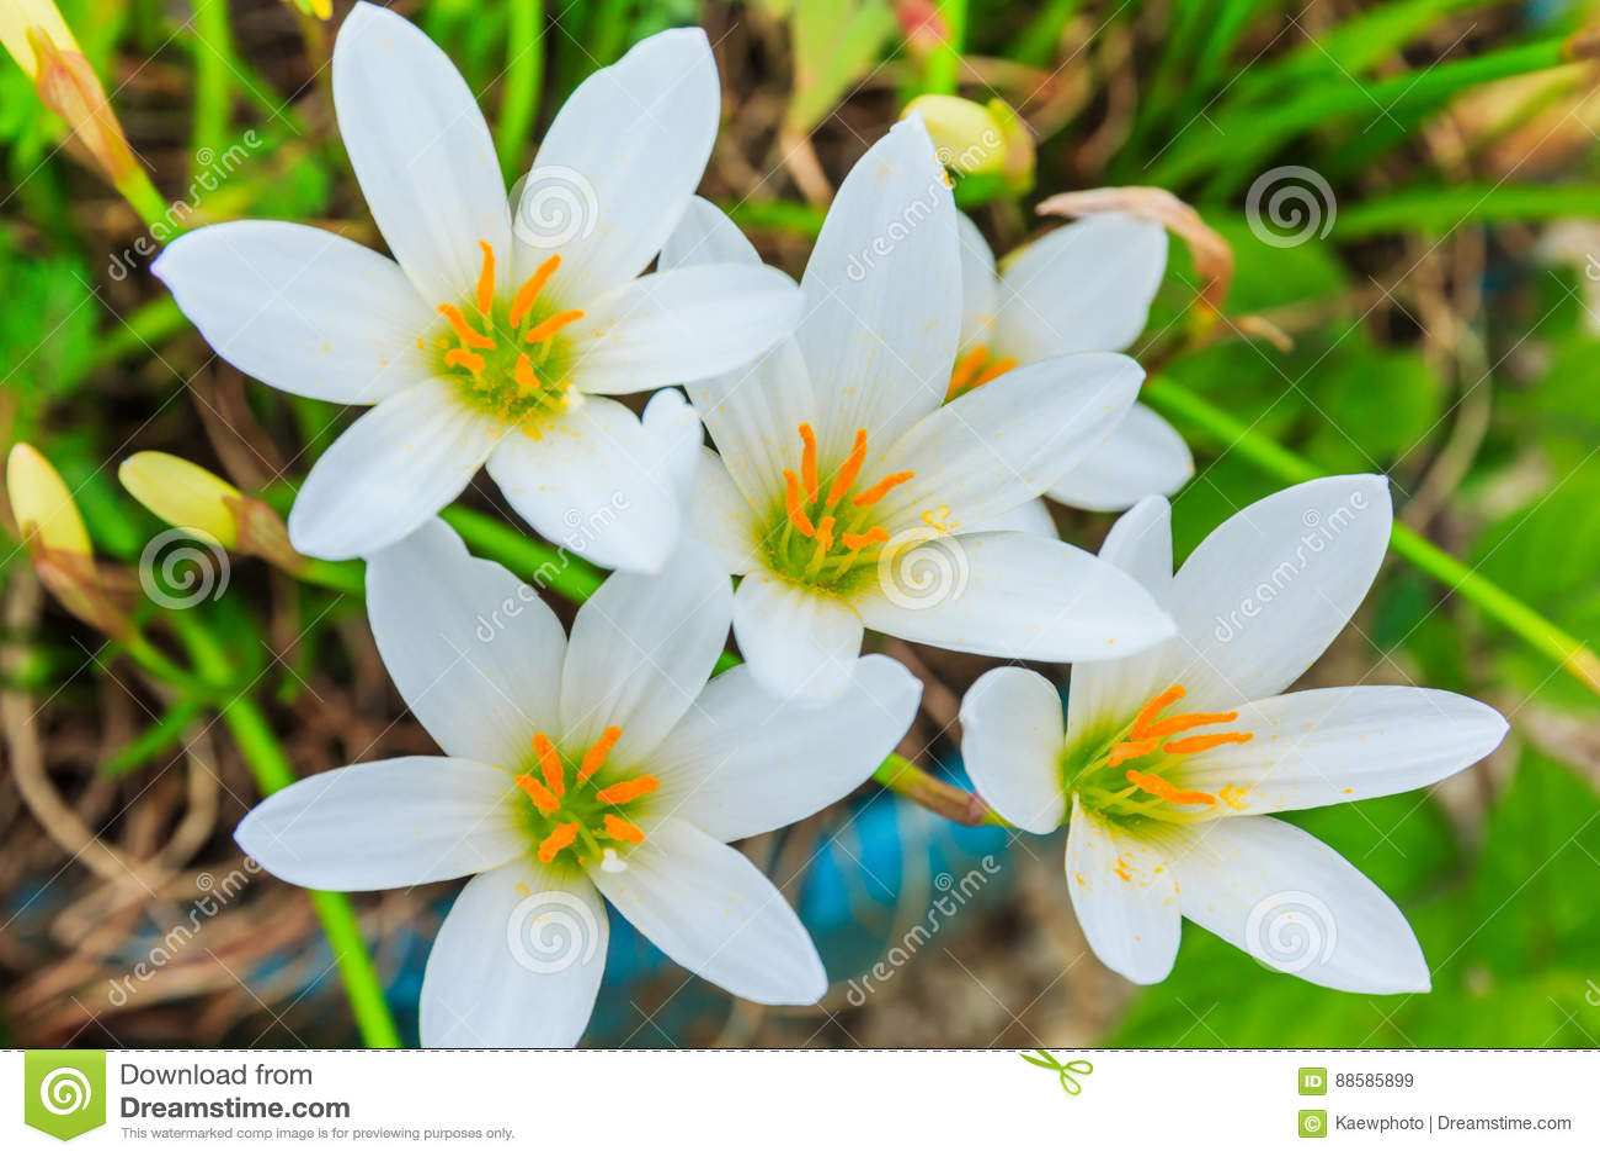 Biali zephyranthes kwiaty Podeszczowa leluja